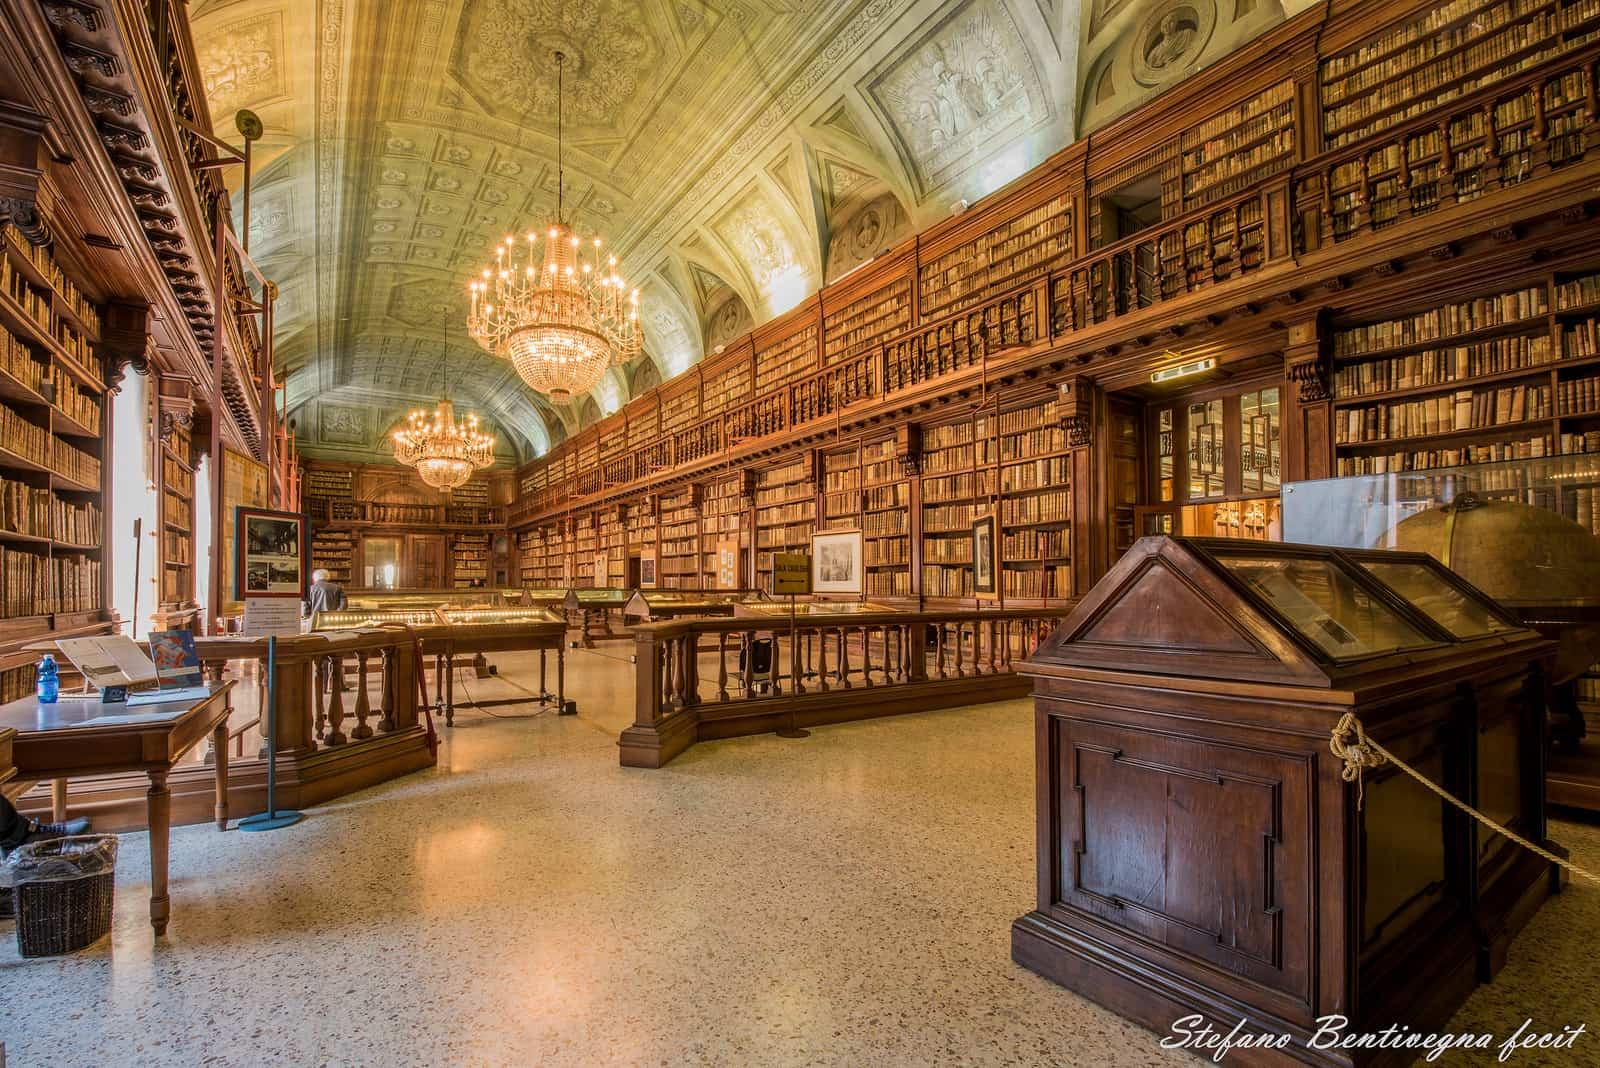 Biblioteche di milano quando la strada si percorre da seduti - Biblioteca porta venezia orari ...